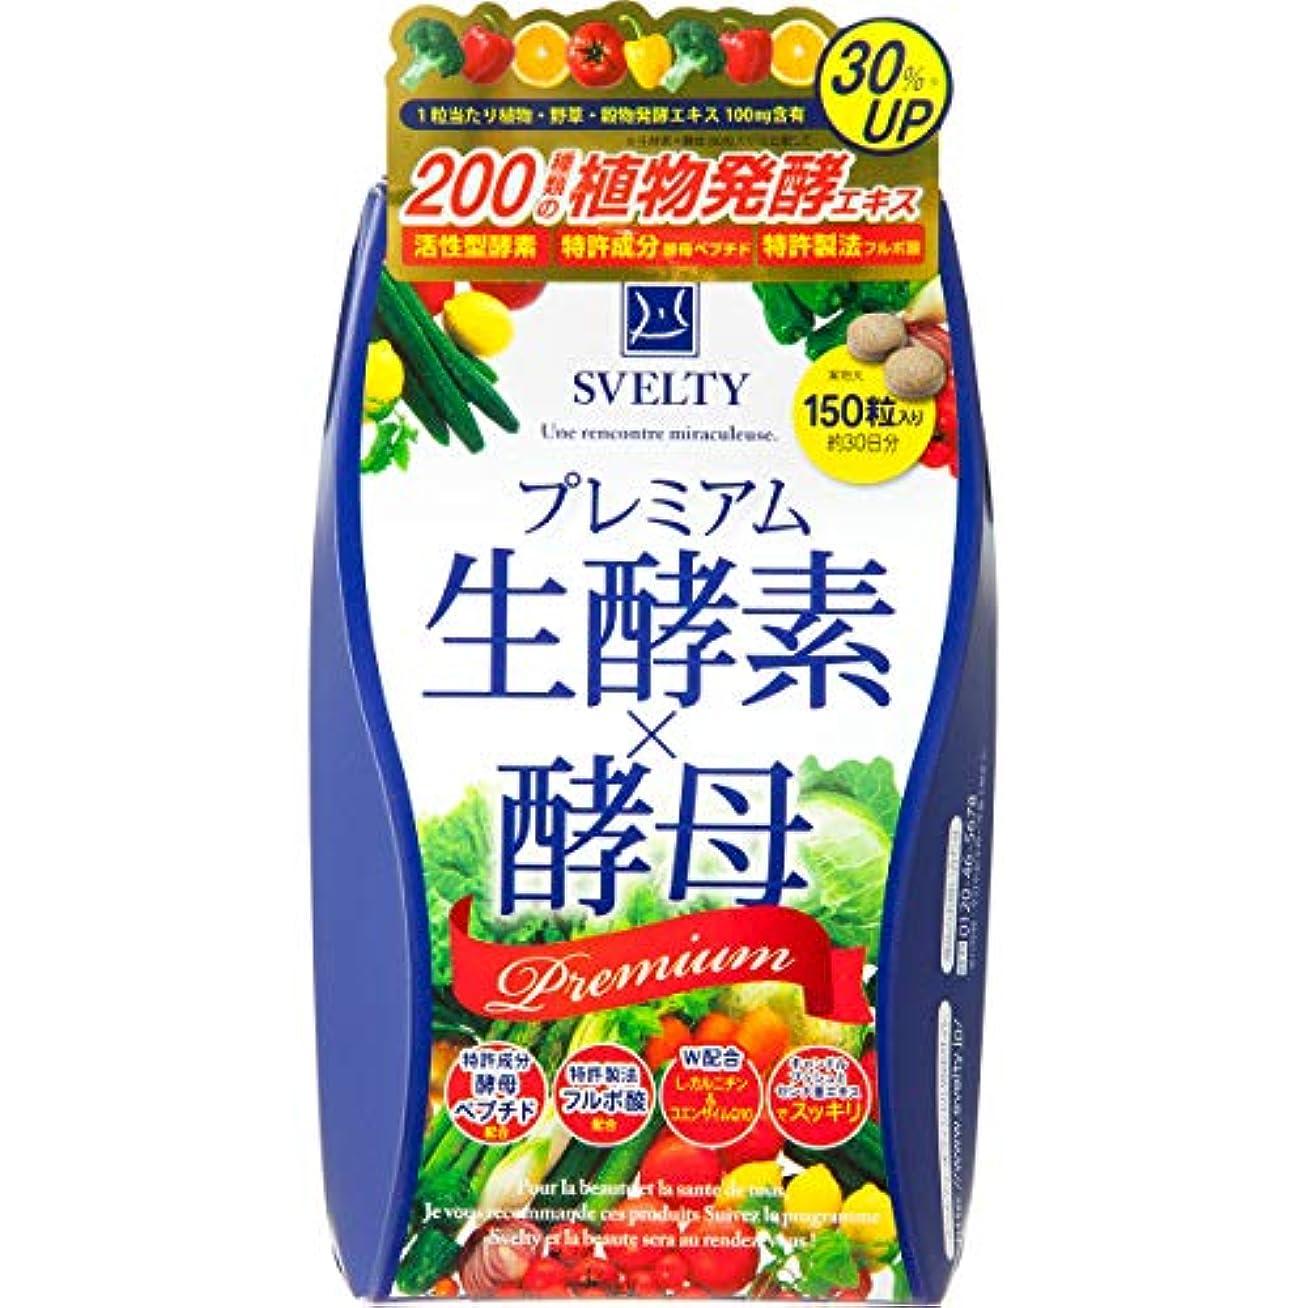 ペイント誓う粘性のSVELTY 生酵素×酵母 プレミアム 150粒